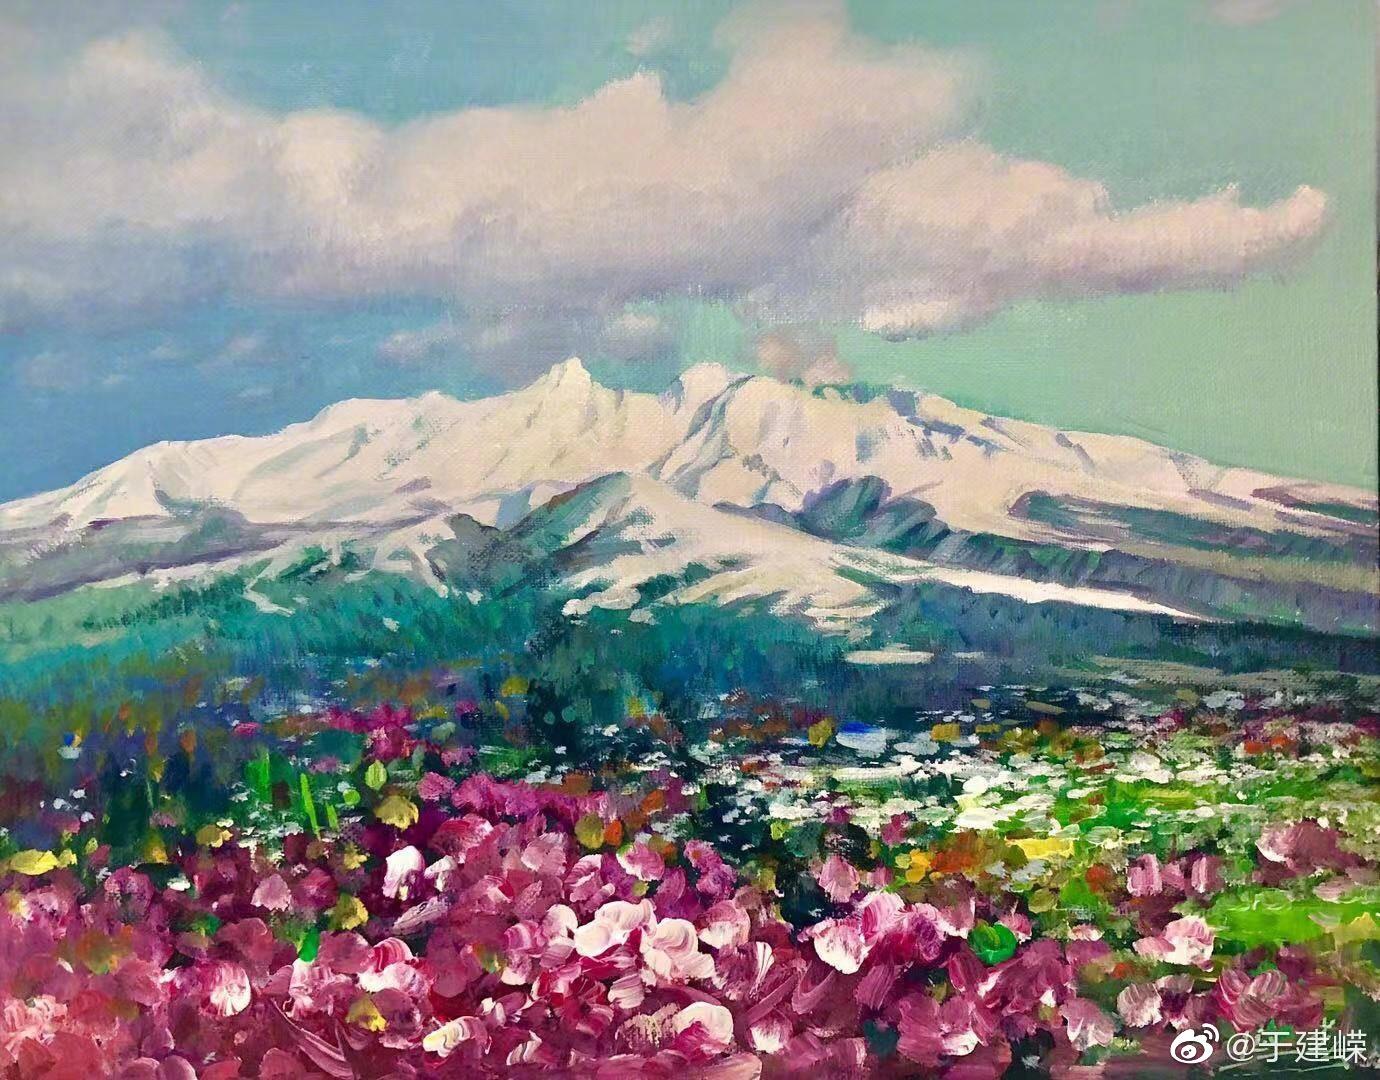 图一为中国美术家协会会员、著名油画家徐延春油画作品——《带有祥云